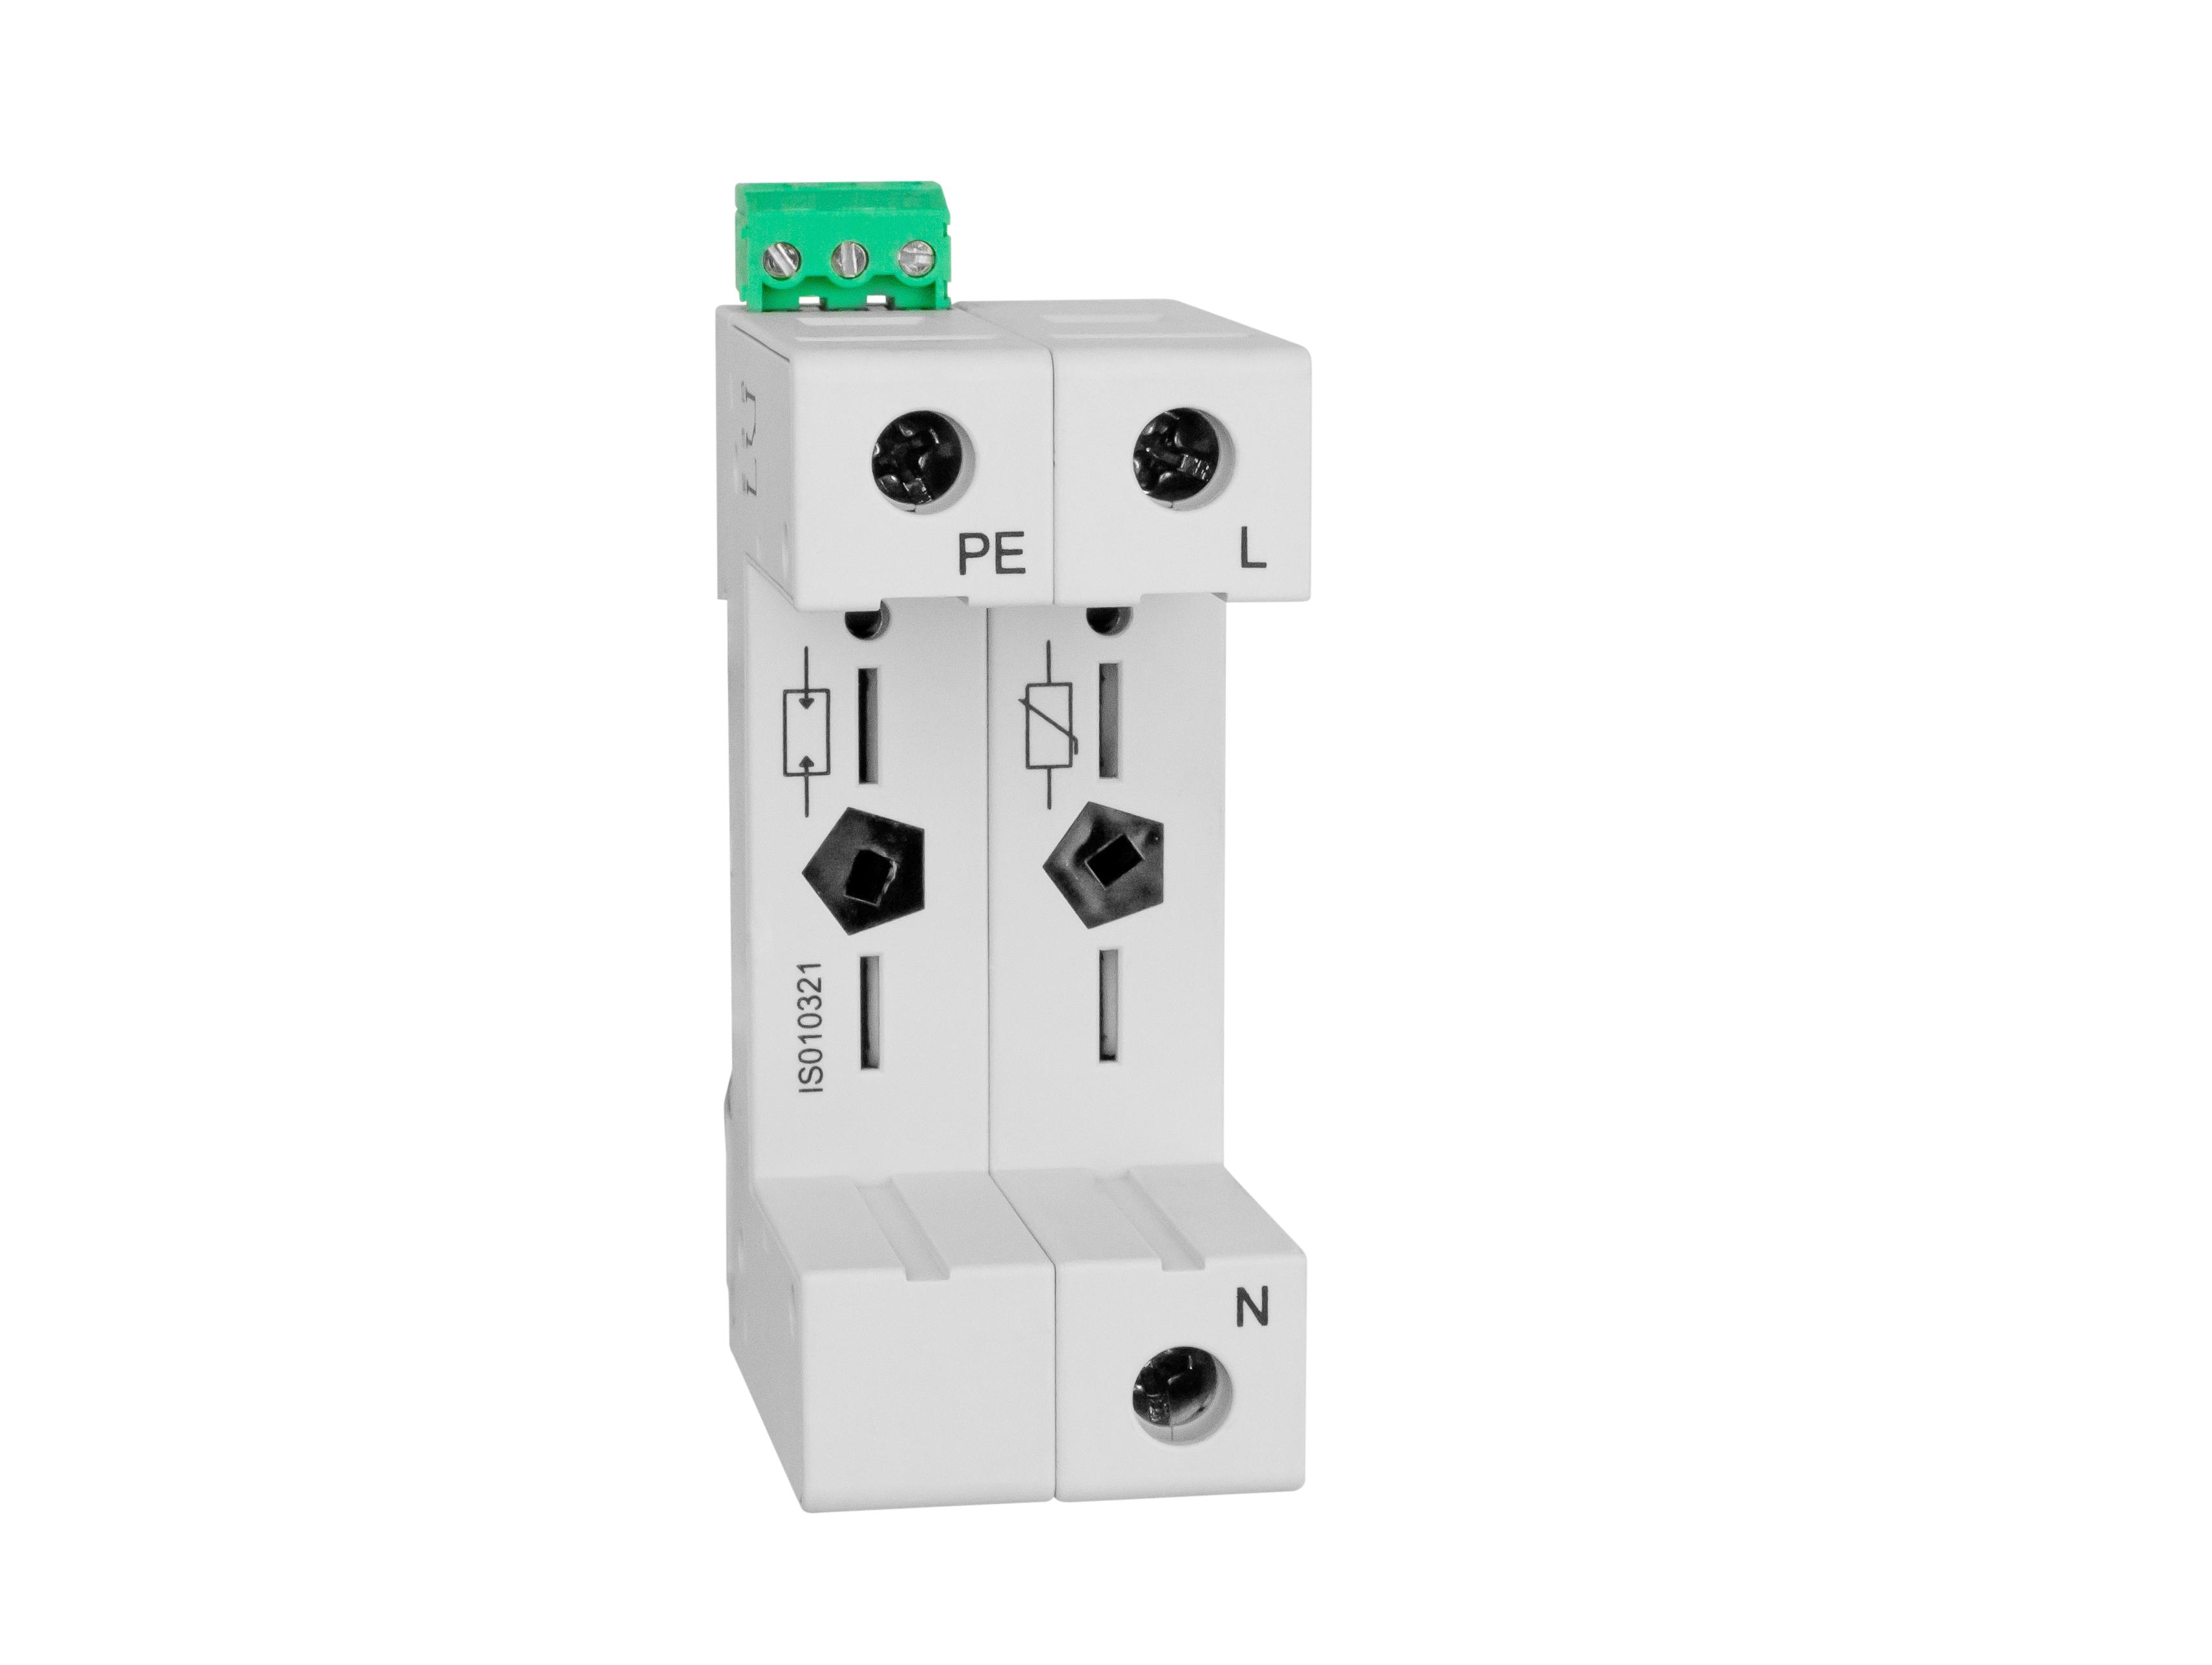 1 Stk Vartec TII, Sockel 1+1 (für 1 VVM, 1 VGM), mit Hilfskontakt IS010321--